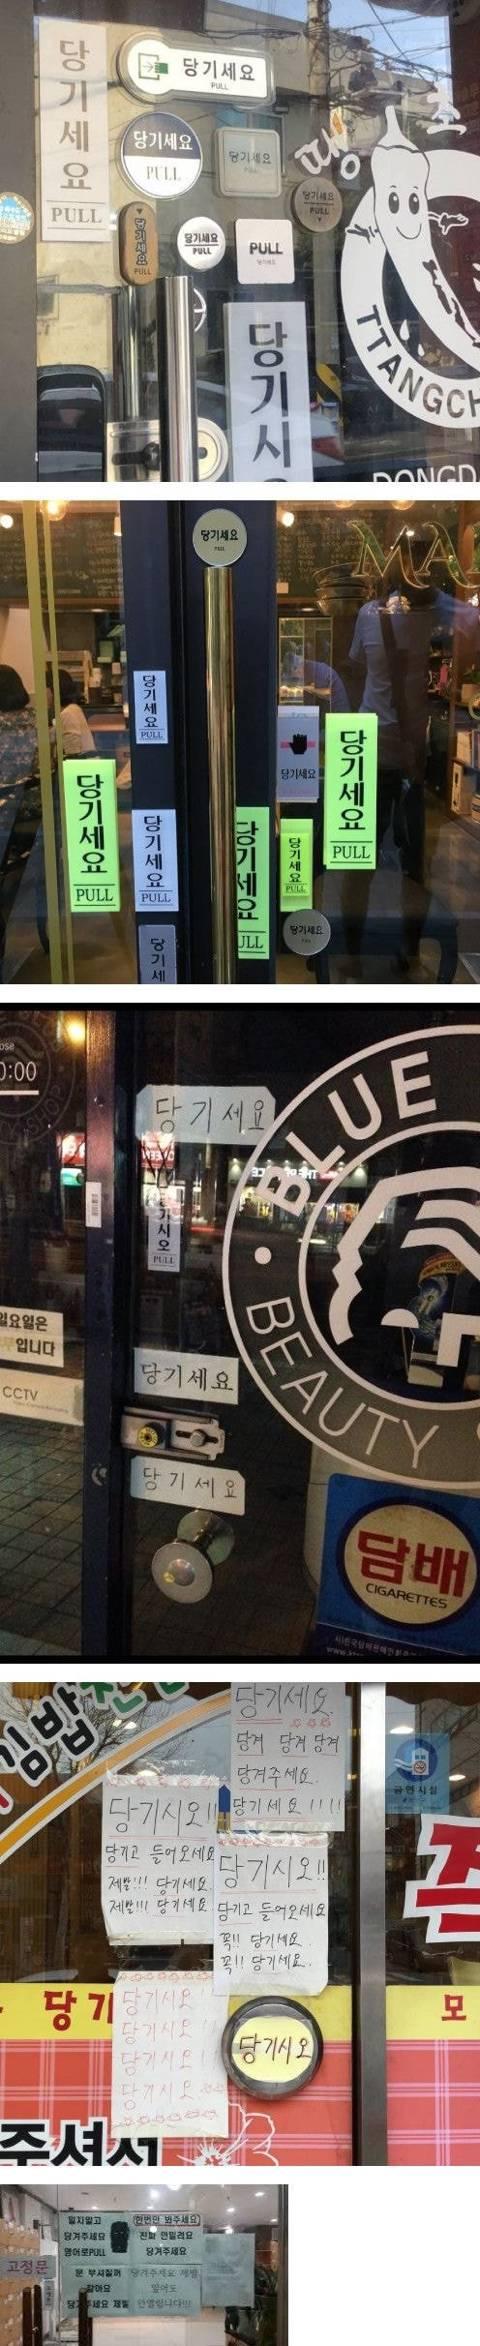 한국인은 절대 못읽는 한국어.jpg | 인스티즈